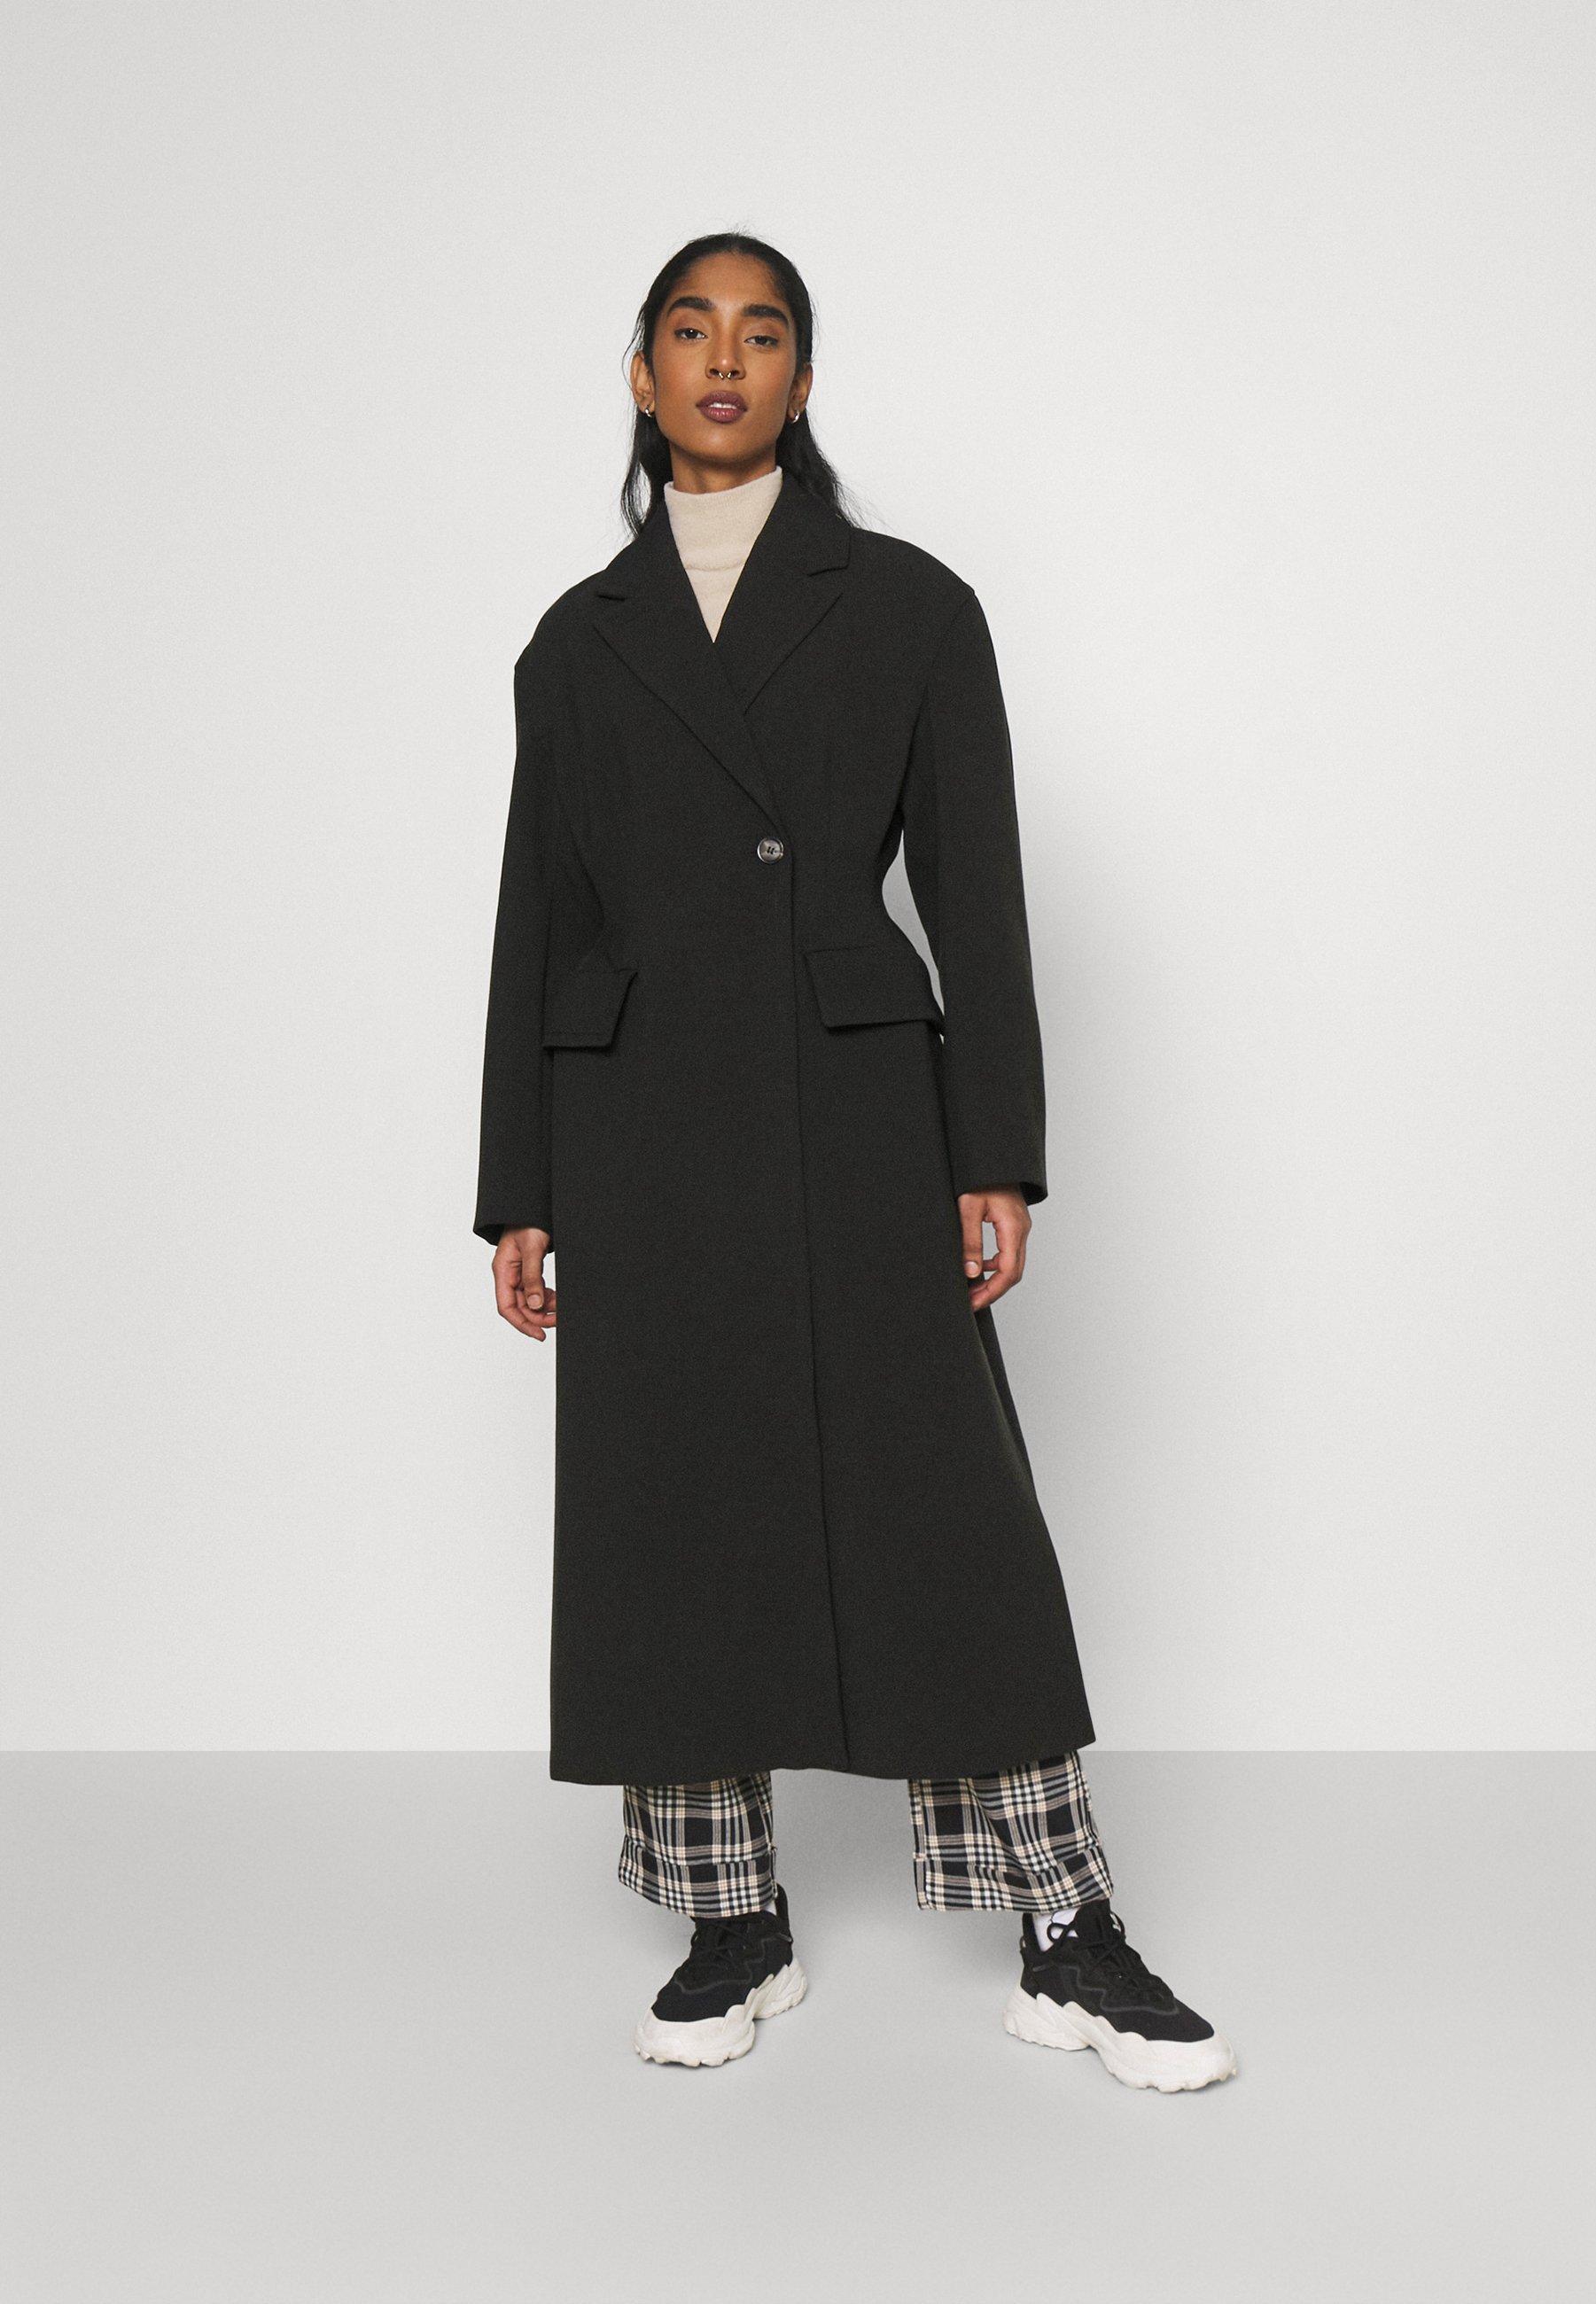 Femme SETH COAT - Manteau classique